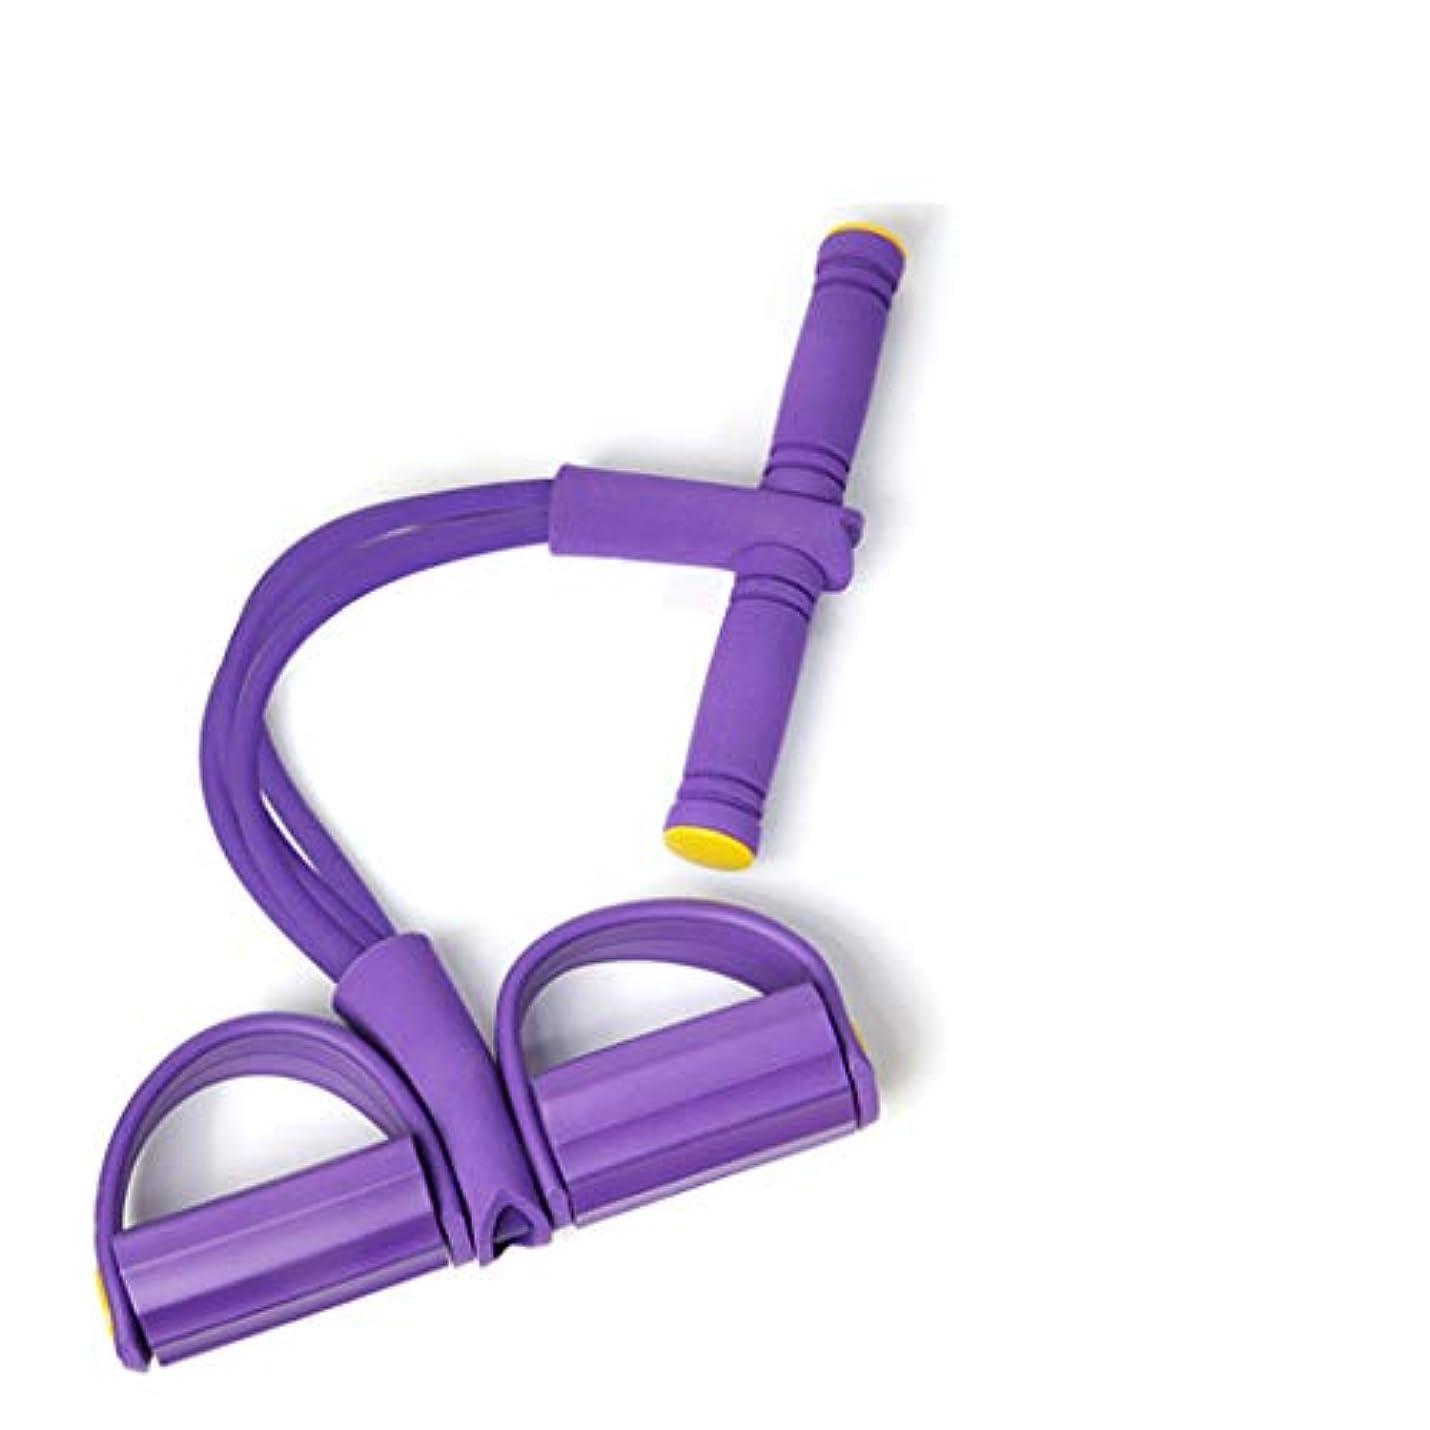 いらいらする受信機押し下げる抵抗バンド装置シットアッププラー、減量ウエスト腹部ヨガトレーニング整形練習腕/脚/肩/腹部オフィスエクササイズ,Purple